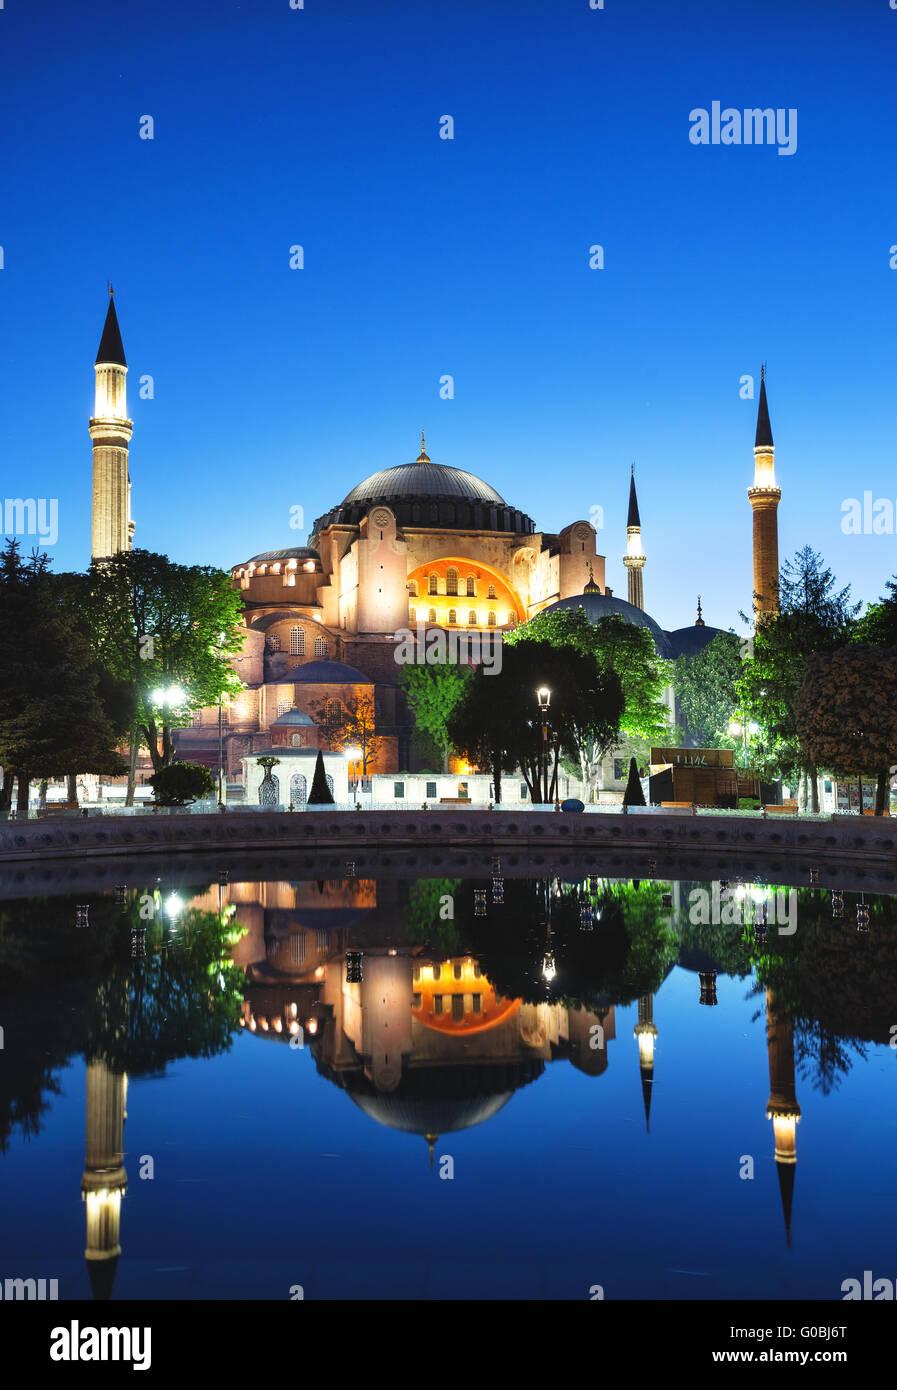 La mosquée Sainte-Sophie dans la soirée. Istanbul, Turquie. Photo Stock